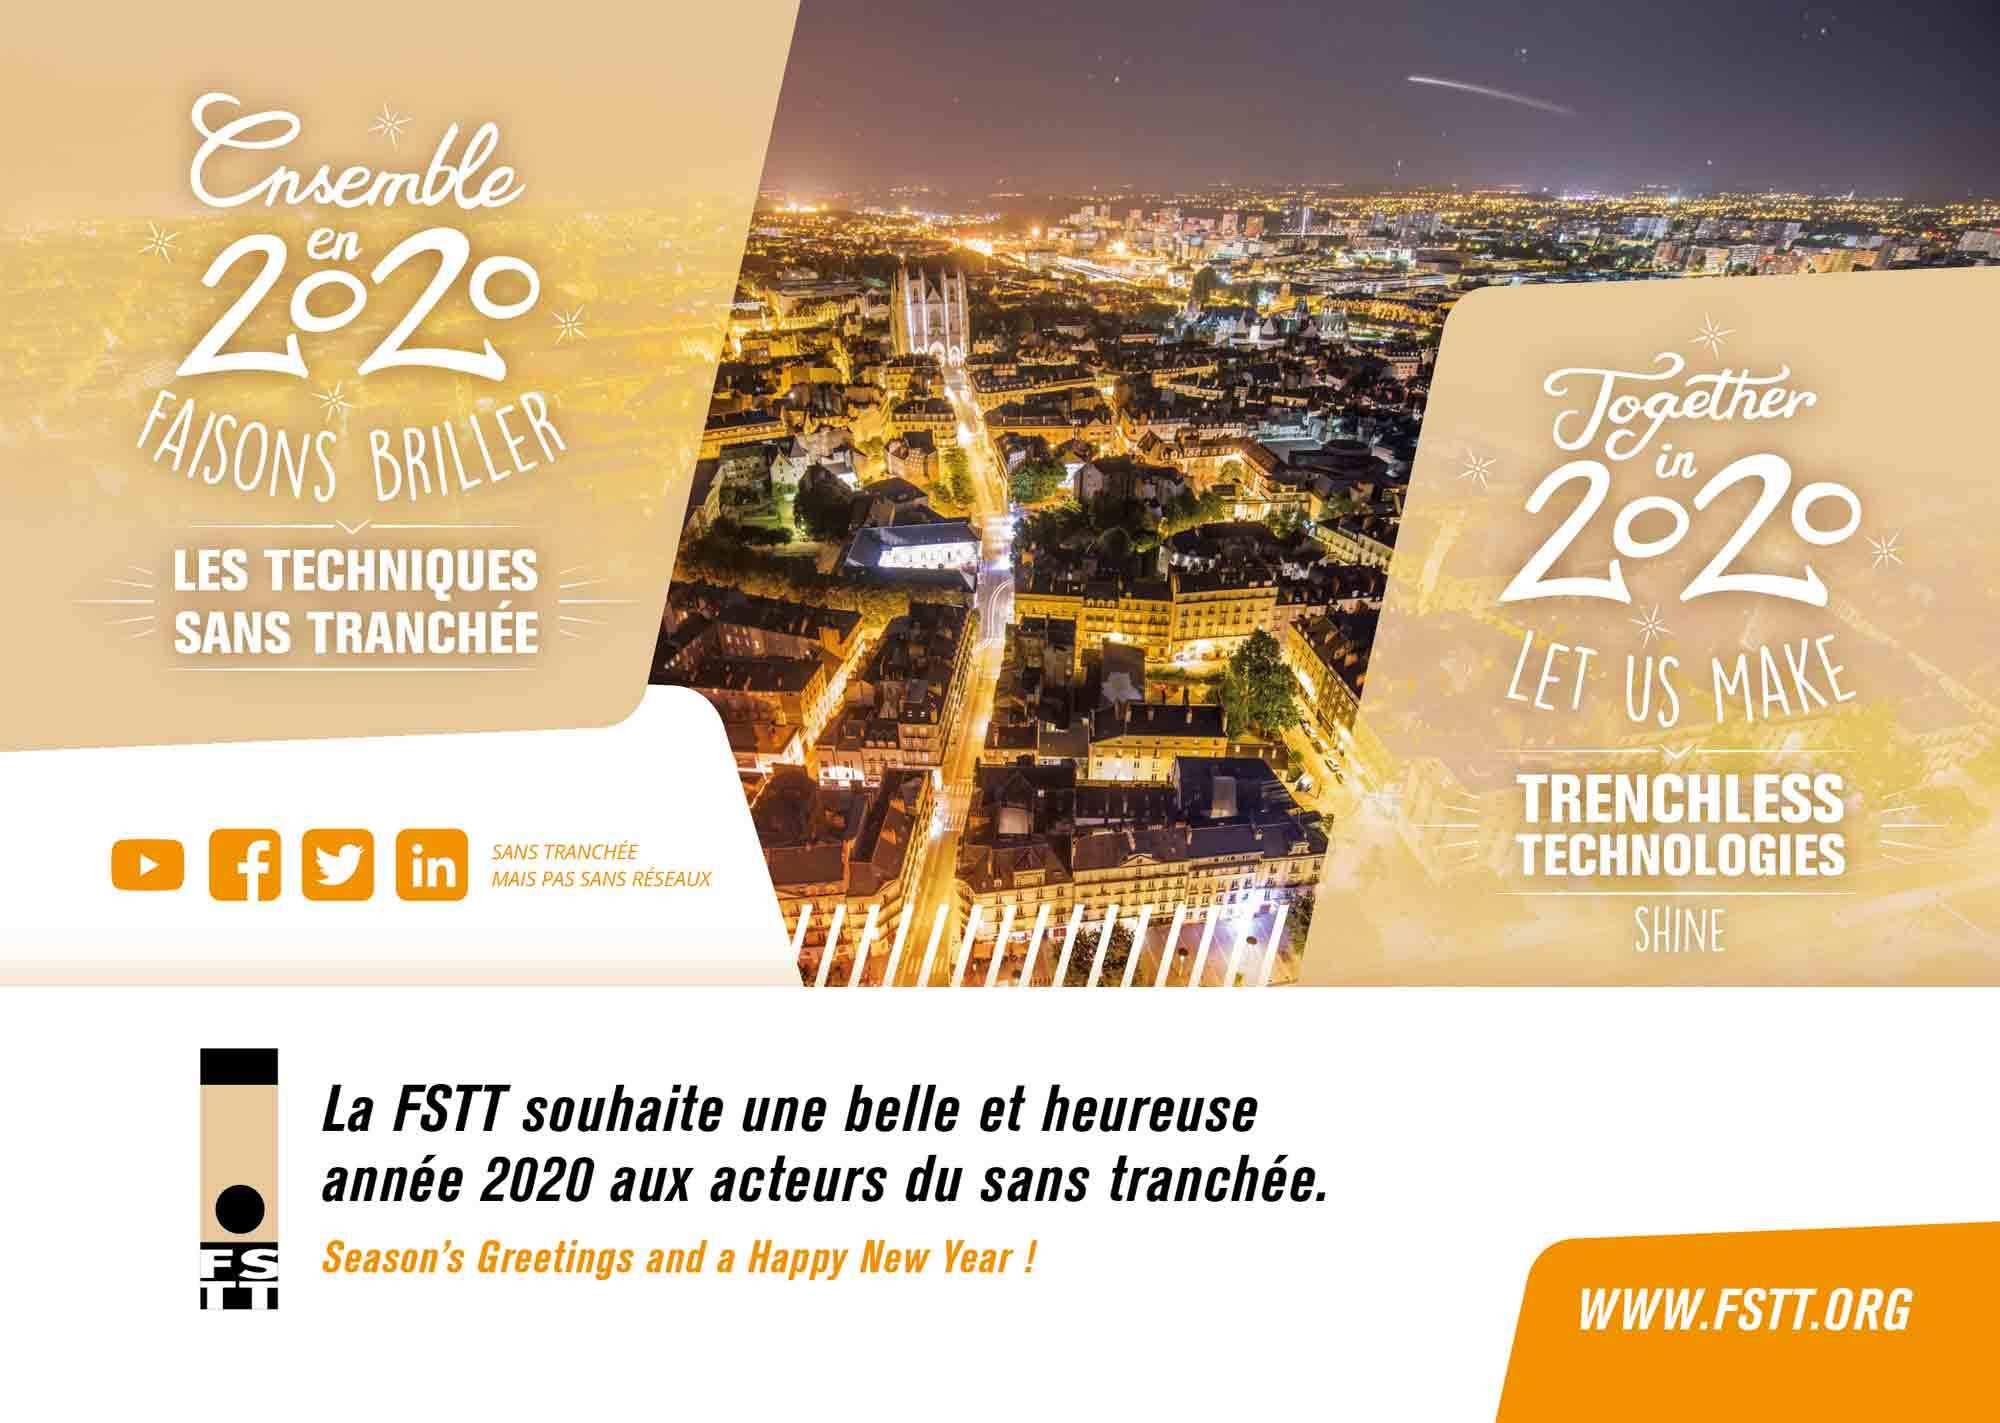 La FSTT souhaite une belle et heureuse année 2020 aux acteurs du sans tranchée